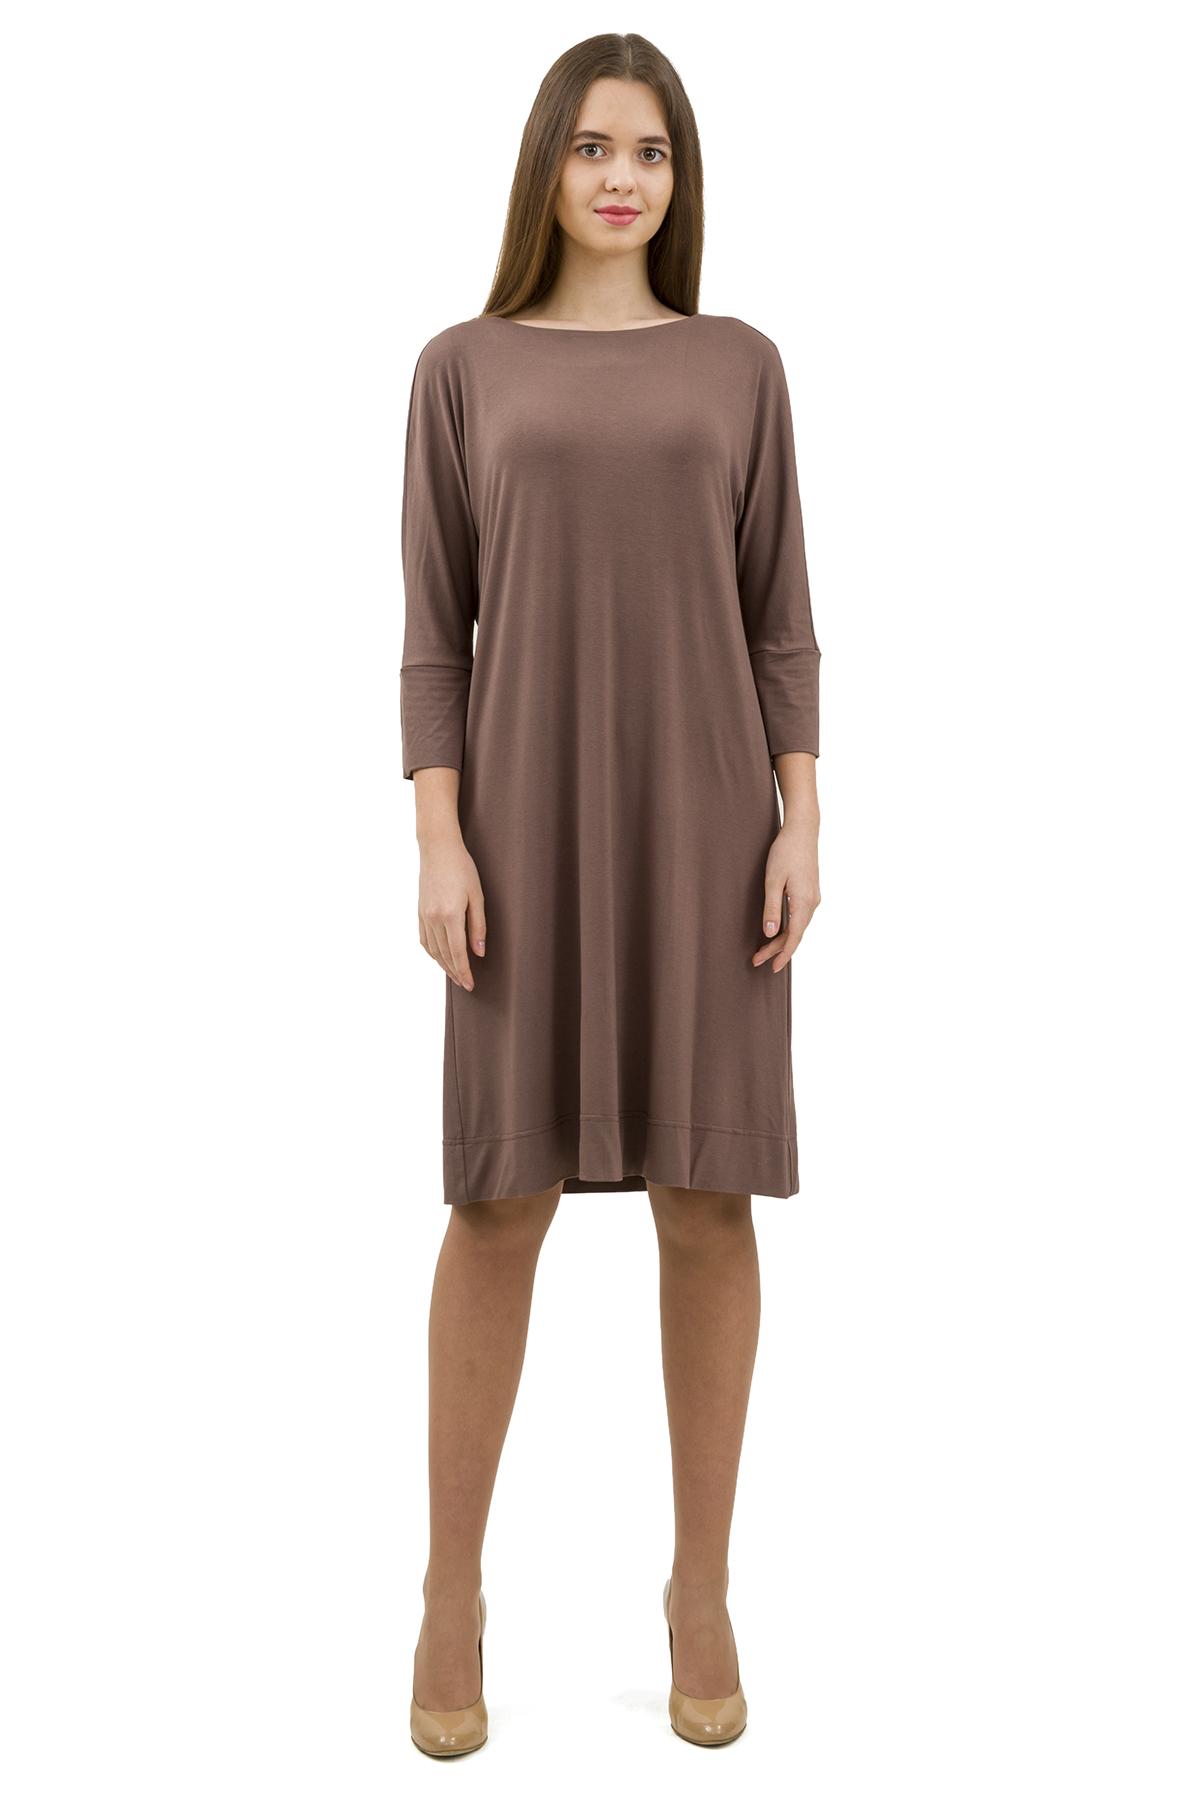 ПлатьеПлатья,  сарафаны<br>Стильное платье выполнено из высококачественного трикотажа. Данная модель удачно подчеркнет красоту Вашей фигуры, а яркая расцветка  не оставит Вас незамеченной.<br><br>Цвет: светло-коричневый<br>Состав: 92% вискоза; 8% эластан<br>Размер: 40,42,44,46,48,50,52,54,56,58,60<br>Страна дизайна: Россия<br>Страна производства: Россия